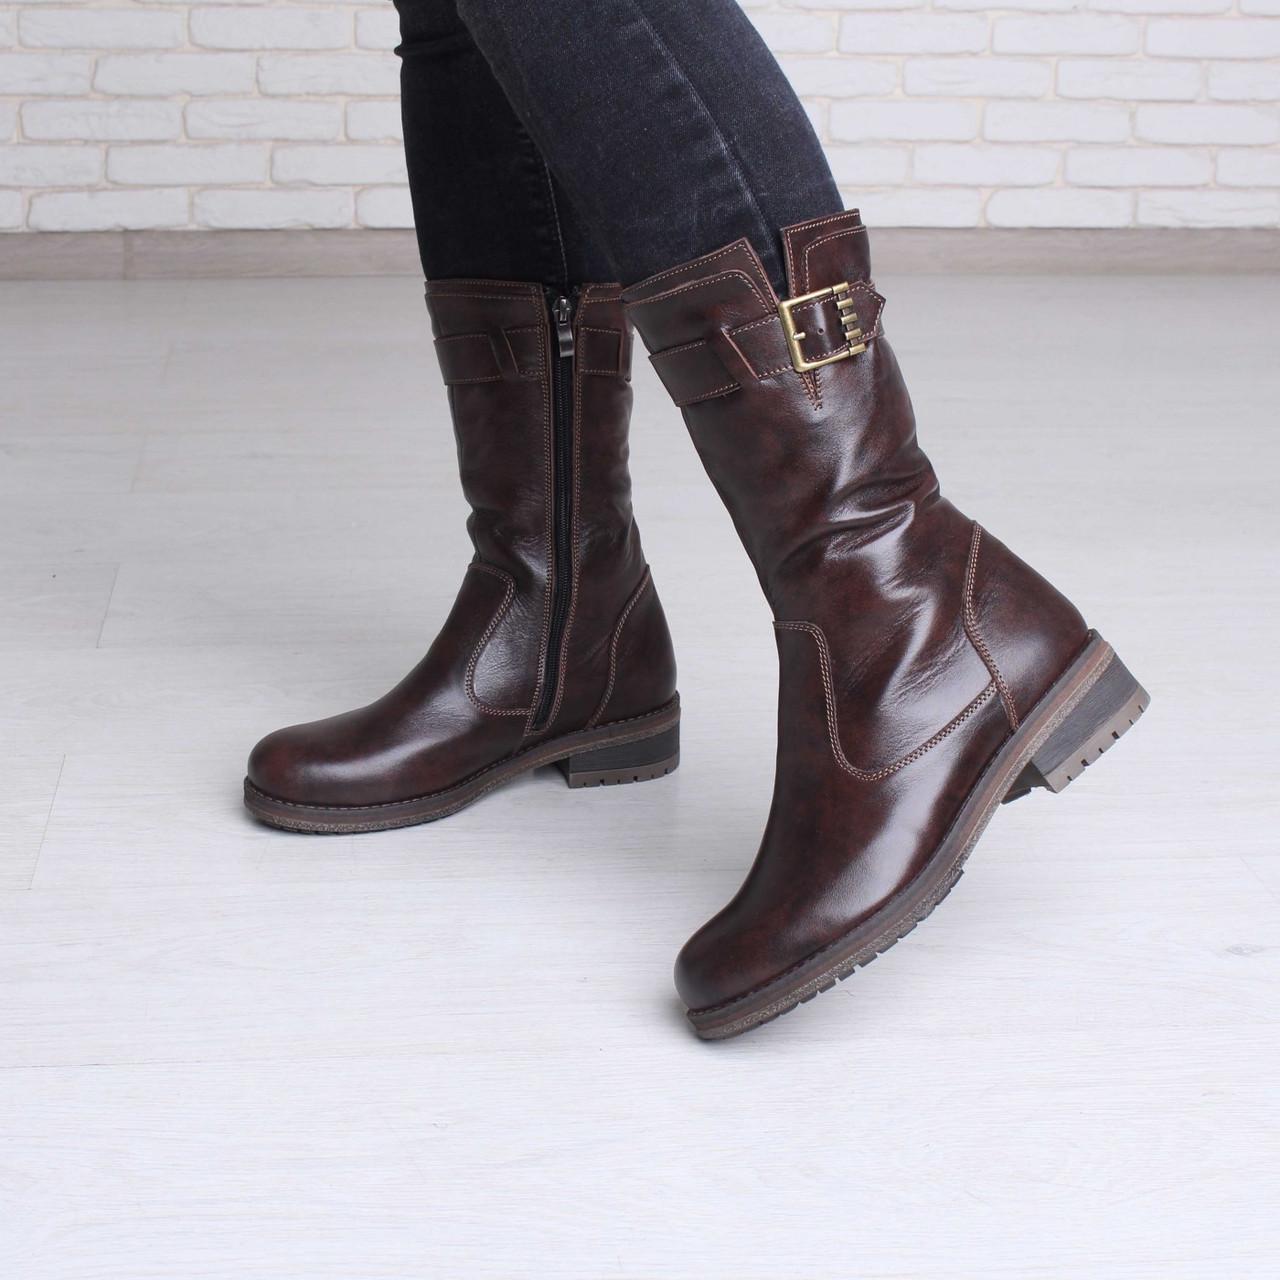 Зимние женские кожаные сапоги на низком ходу коричневые, цена 1 555 ... 9fe521adf5b